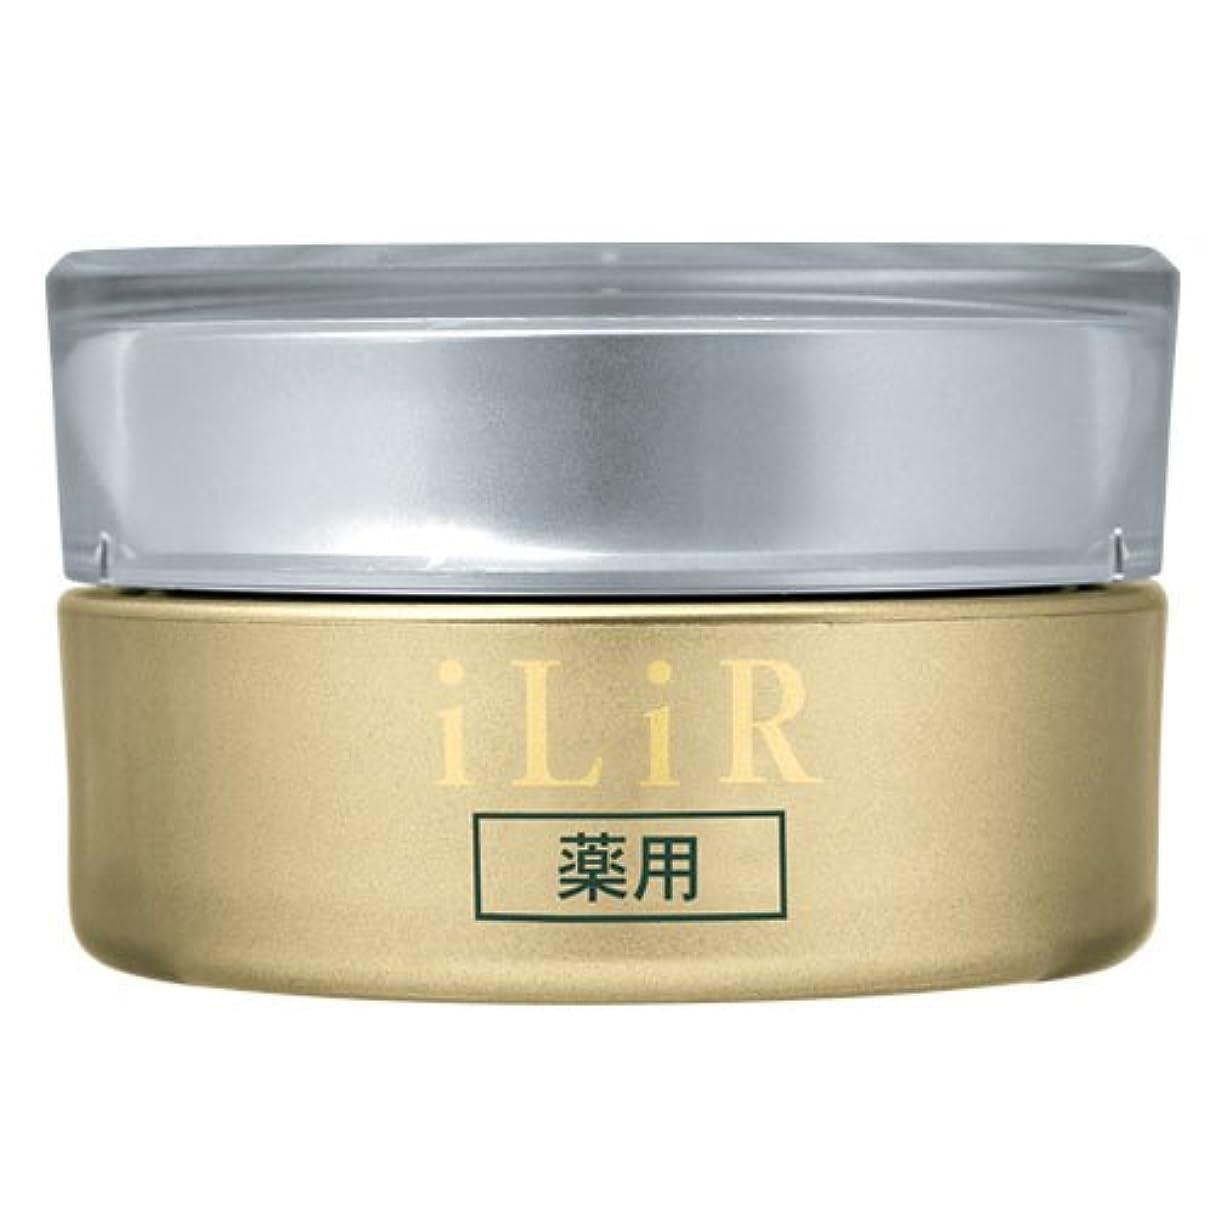 高音フレア属性iLiR(イリアール) 薬用リンクルホワイトクリーム